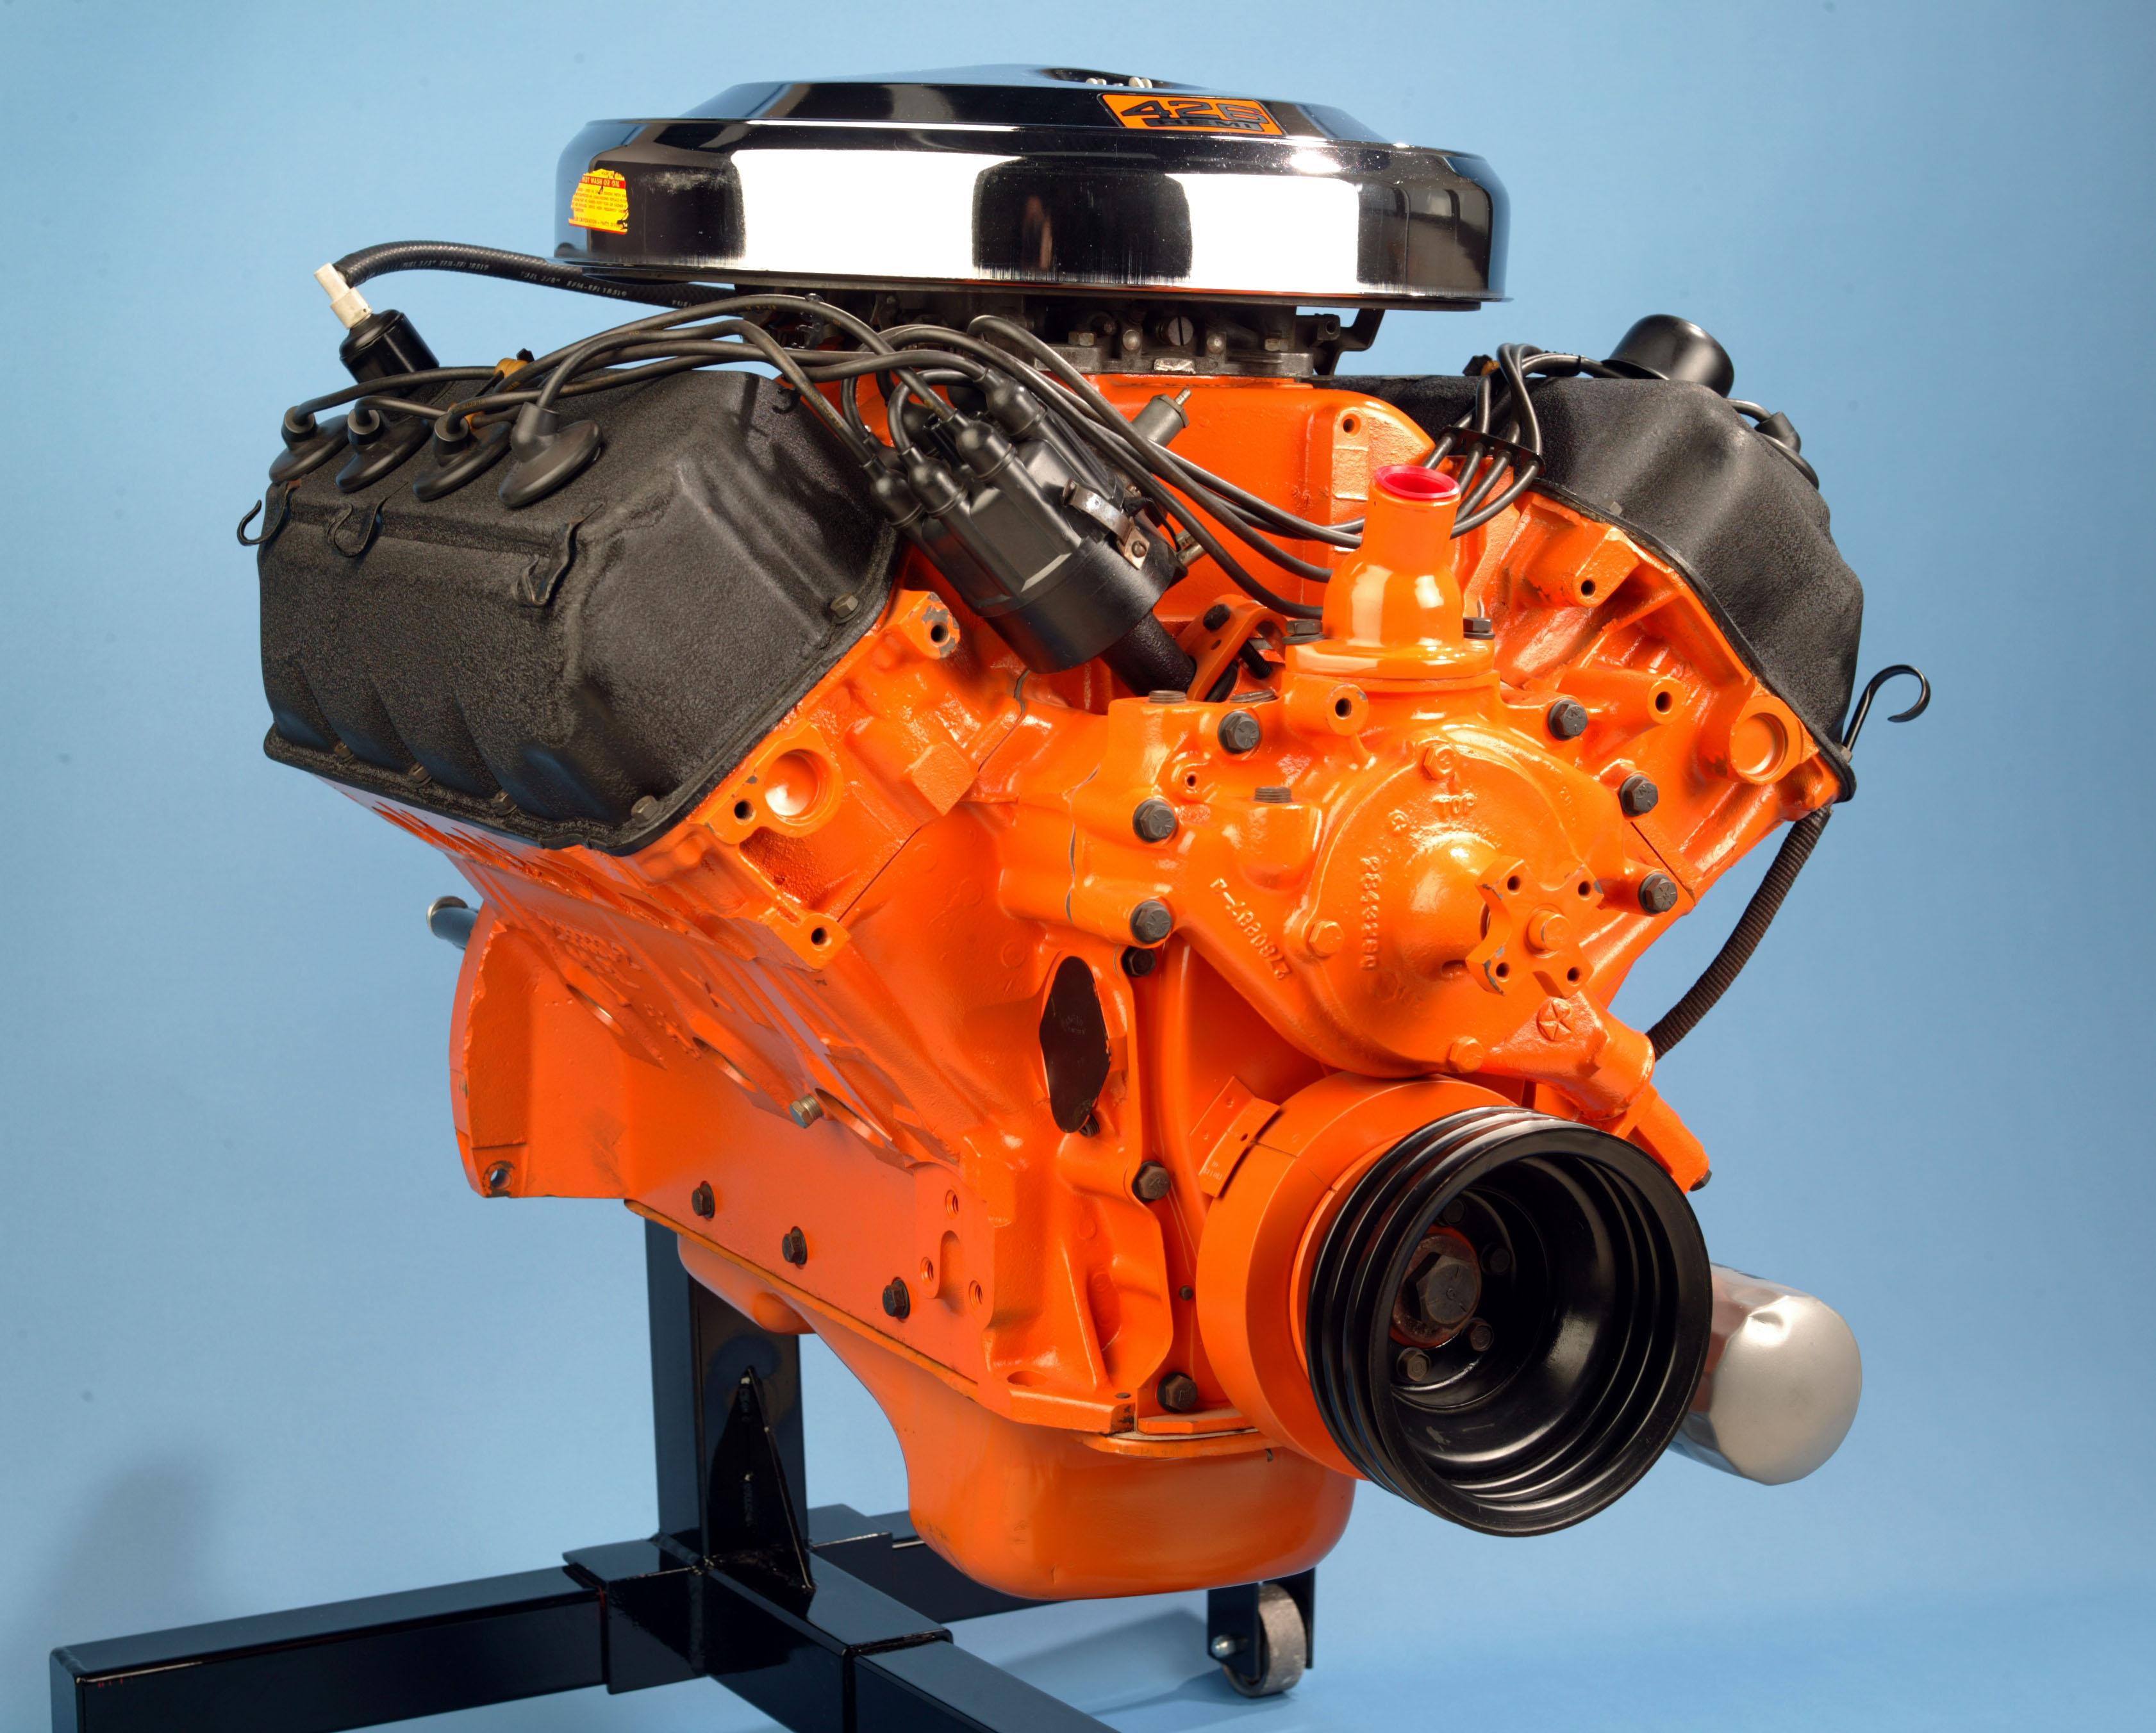 426 HEMI engine v8